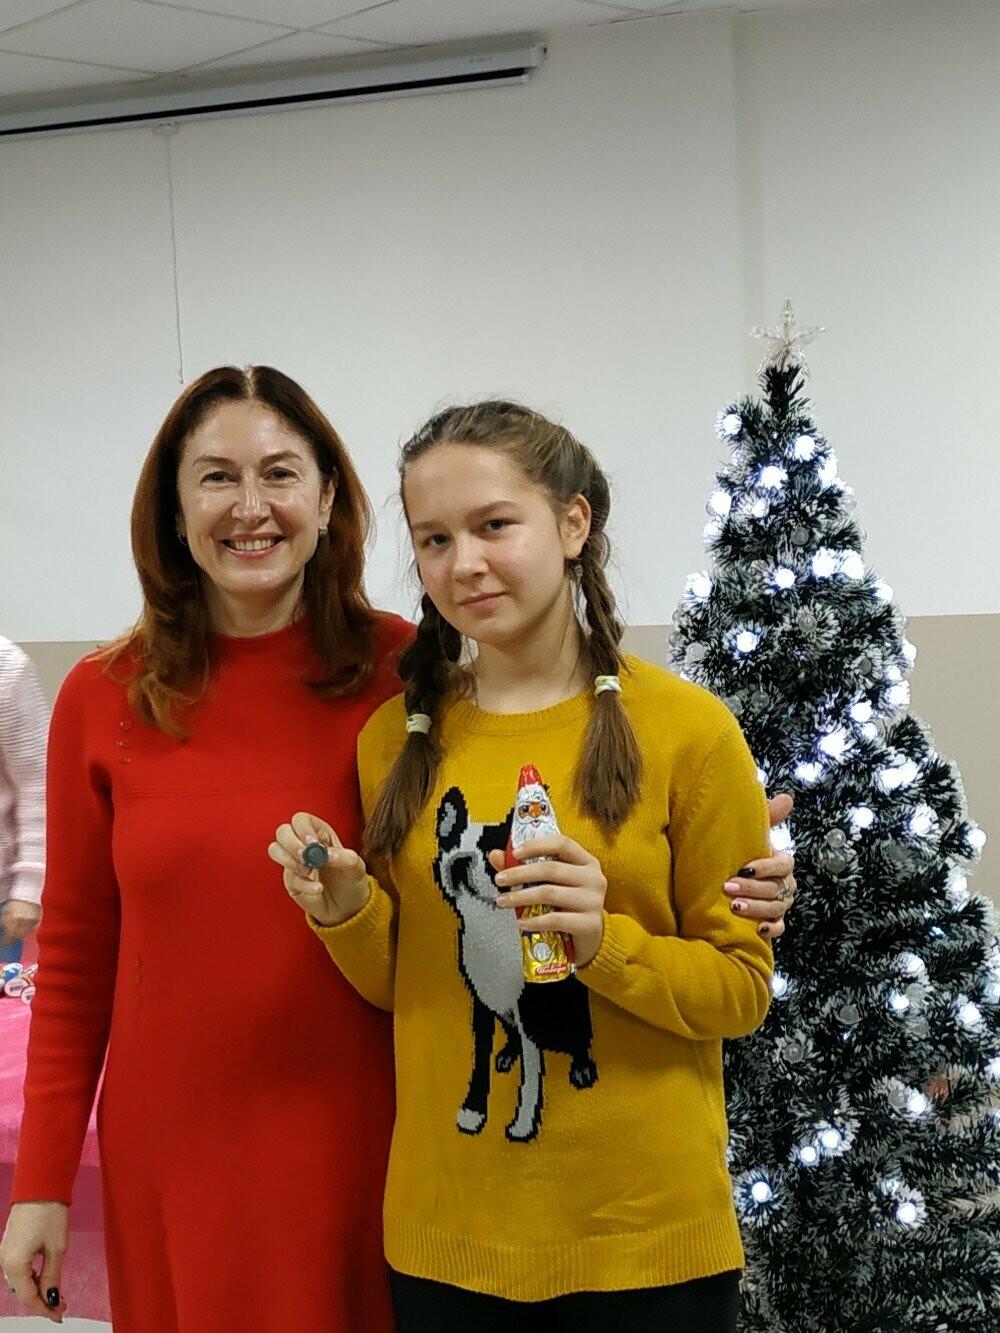 Юных легкоатлетов Ялты поздравили с Днем Святого Николая, фото-1